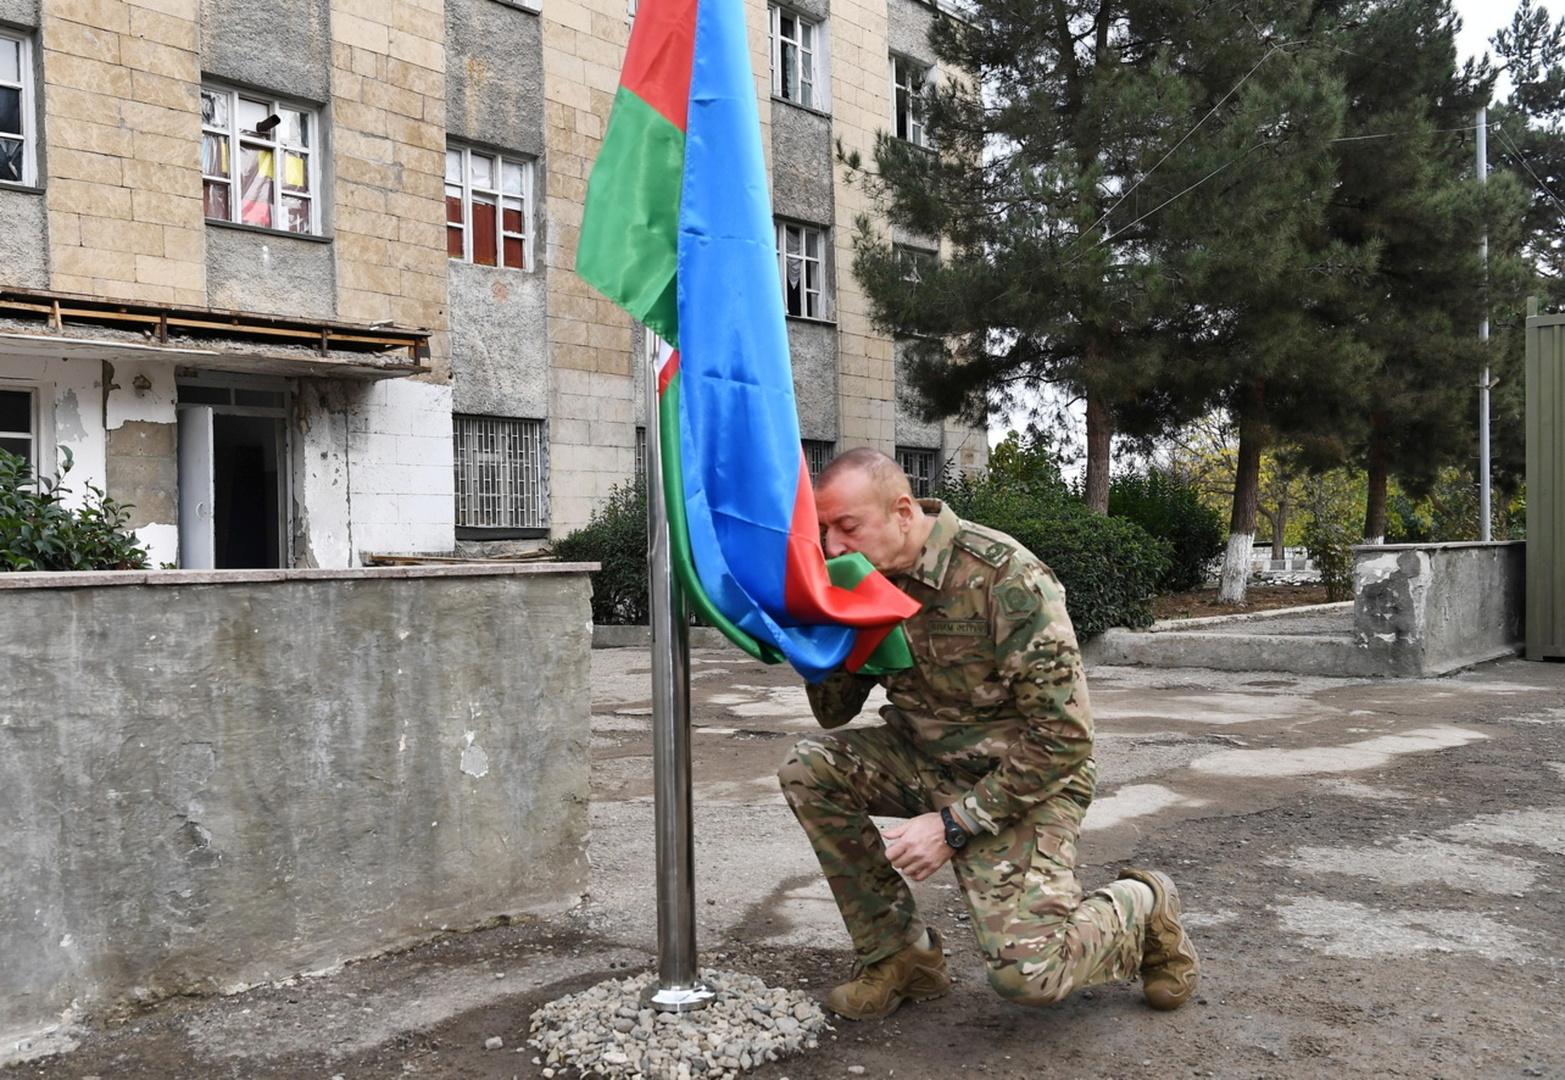 رئيس أذربيجان: بإمكاننا إجراء أي عملية عسكرية في أراضي أرمينيا